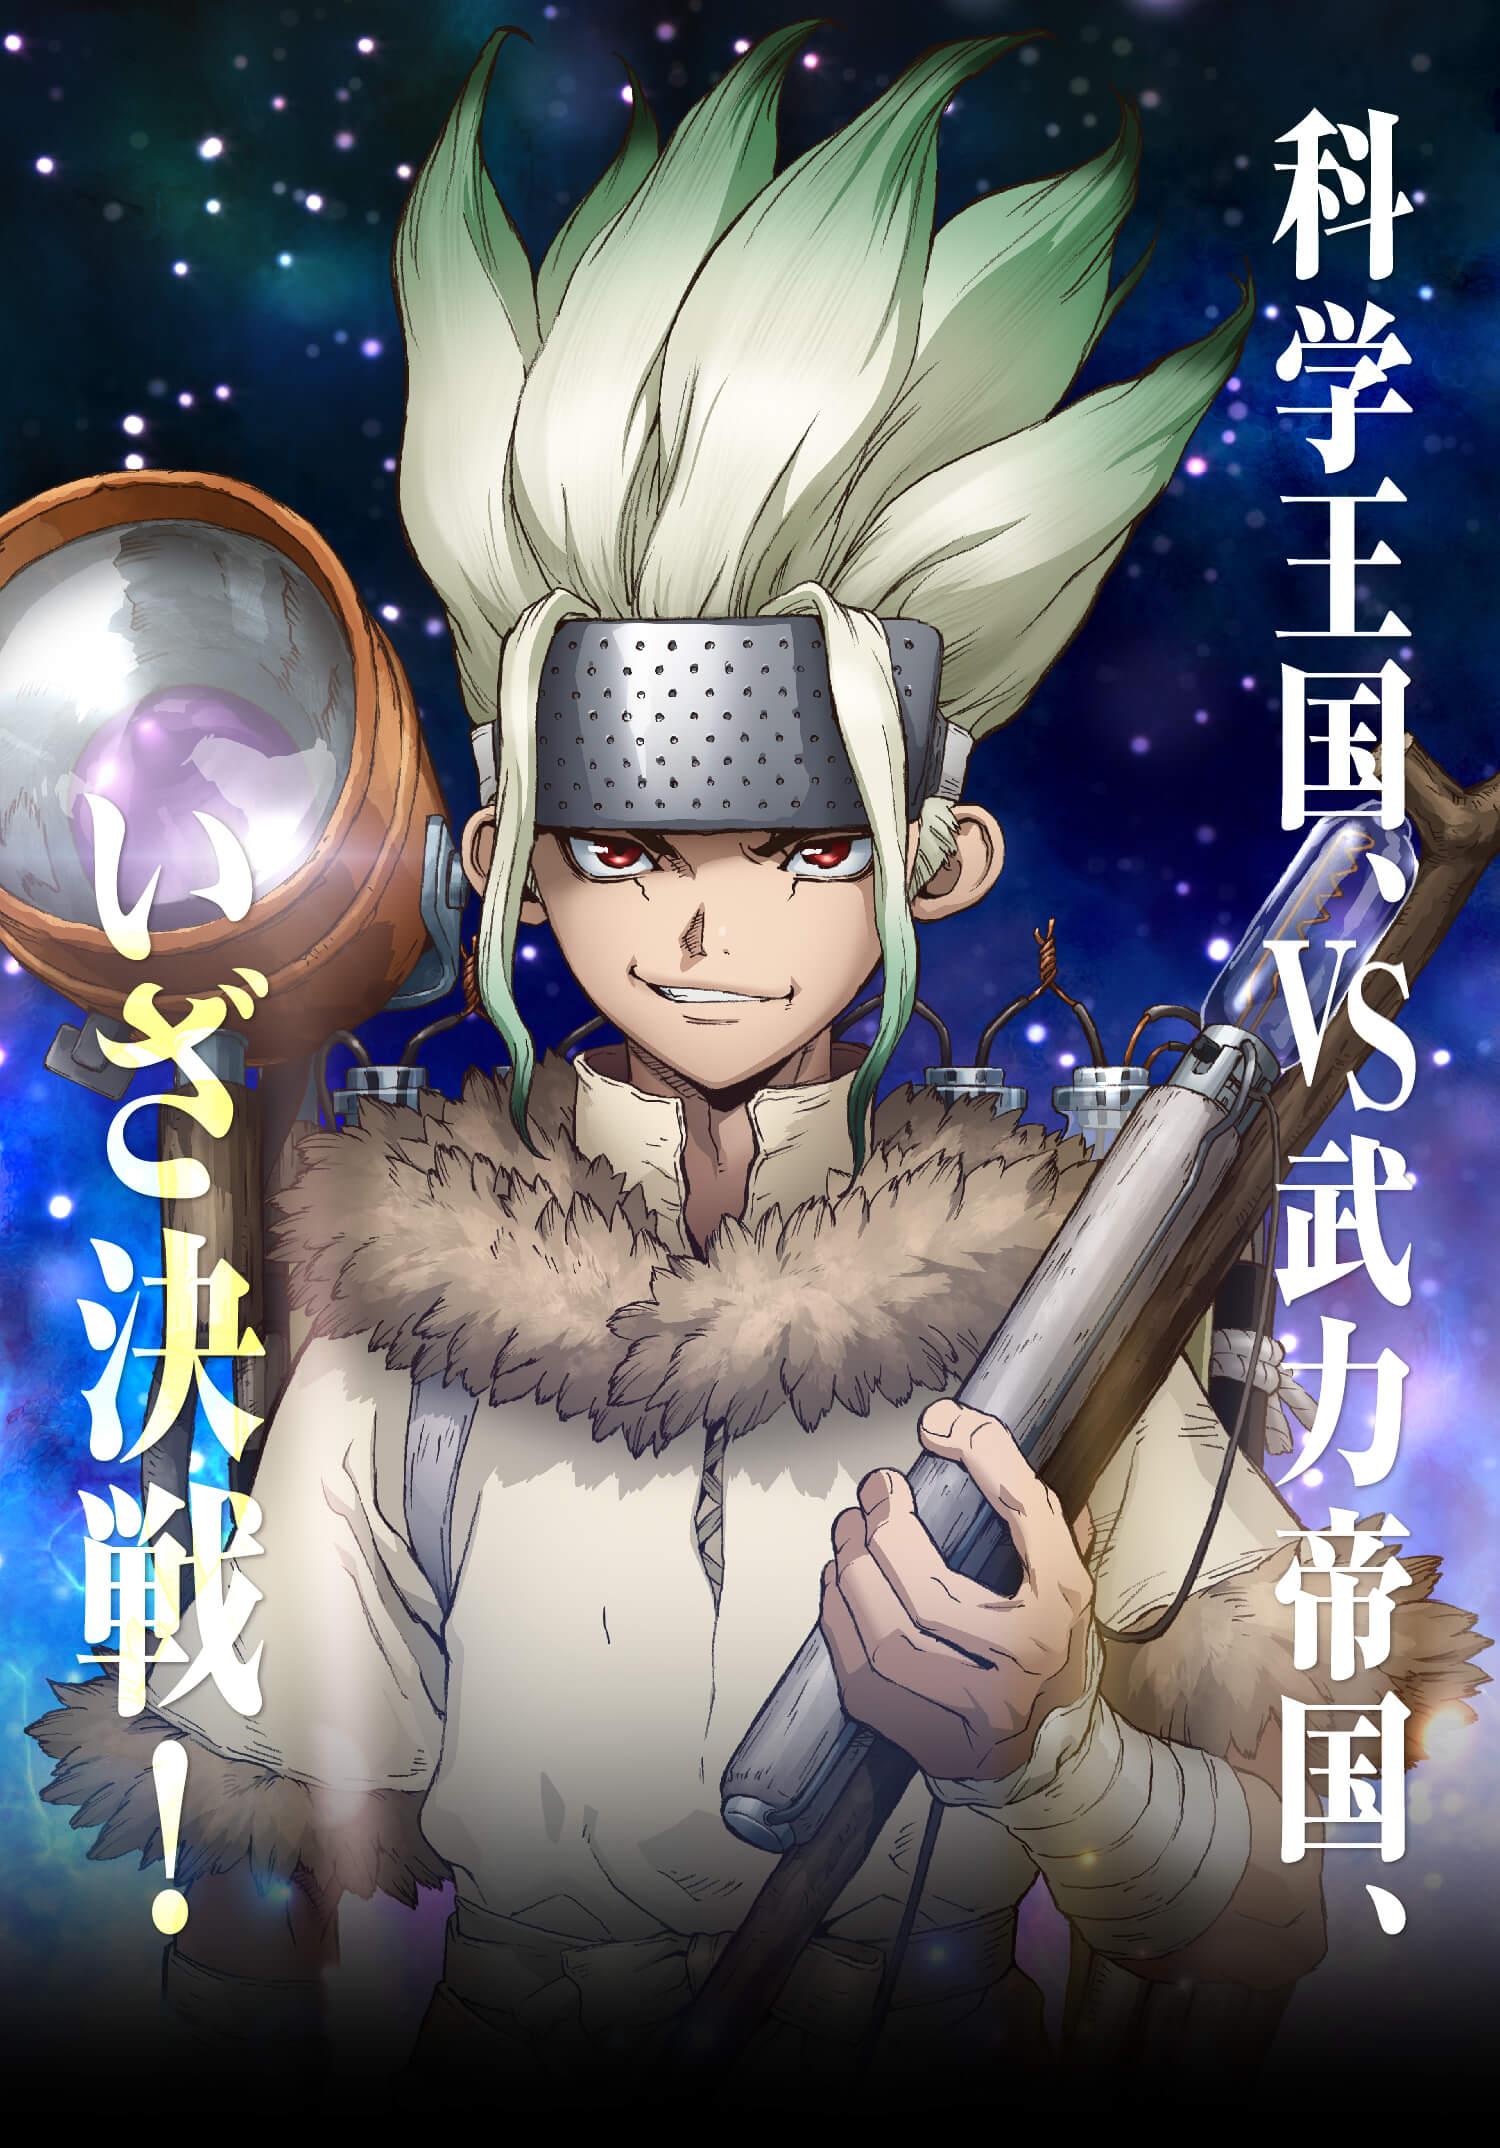 ドクター ストーン 二 期 アニメ『ドクターストーン』第2期が2021年1月放送決定。新キャラクタ...